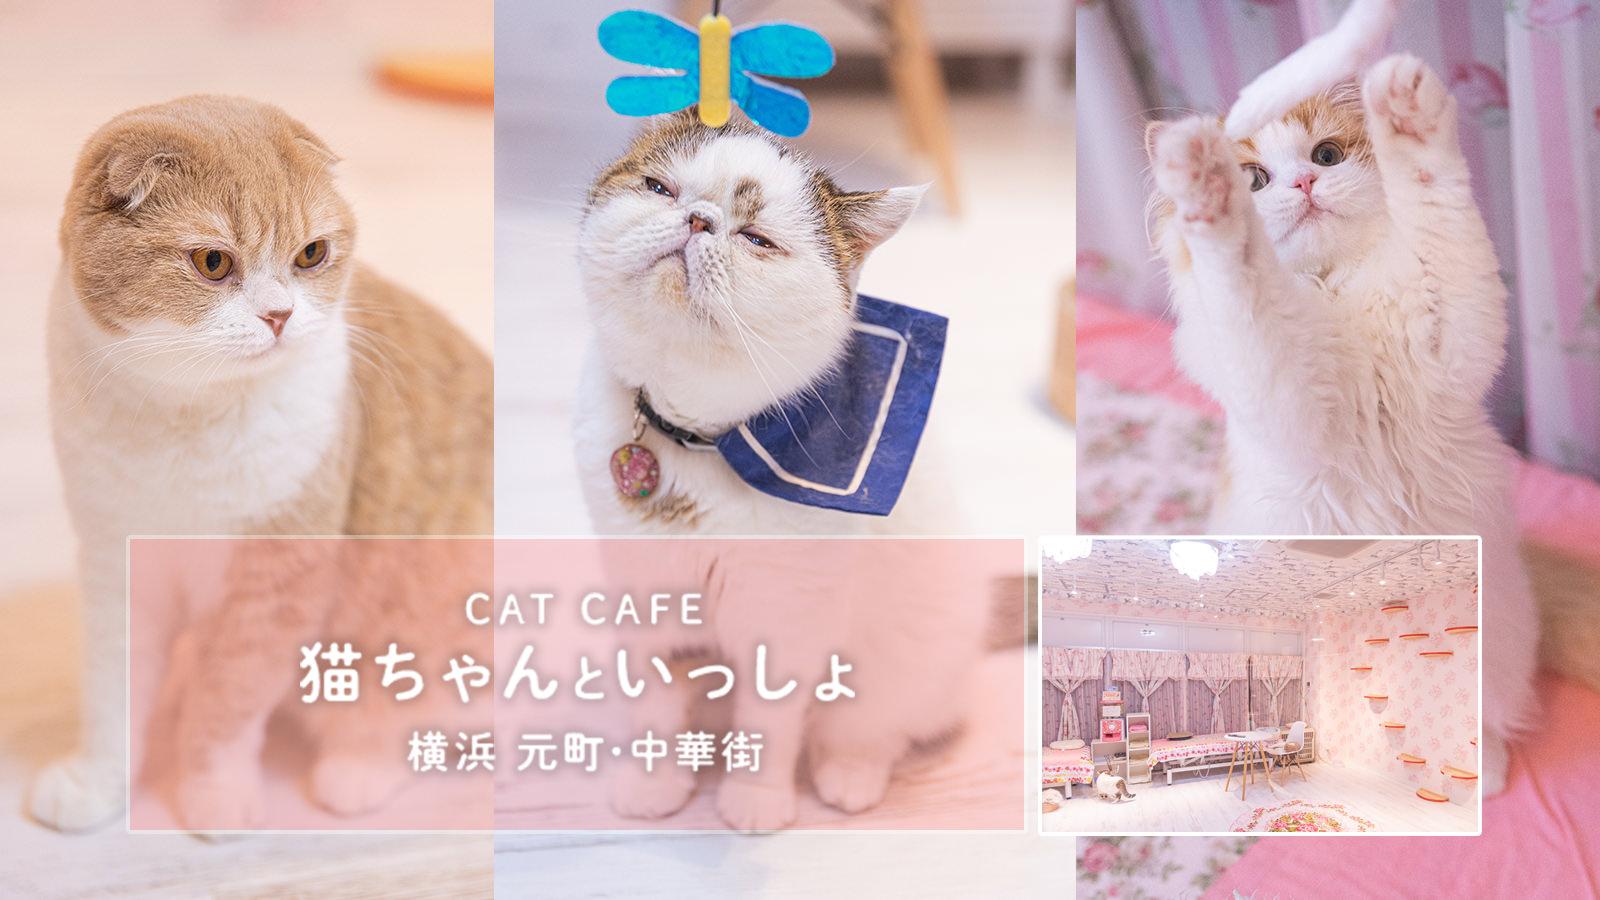 映える猫カフェ「猫ちゃんといっしょ」に行ってきました